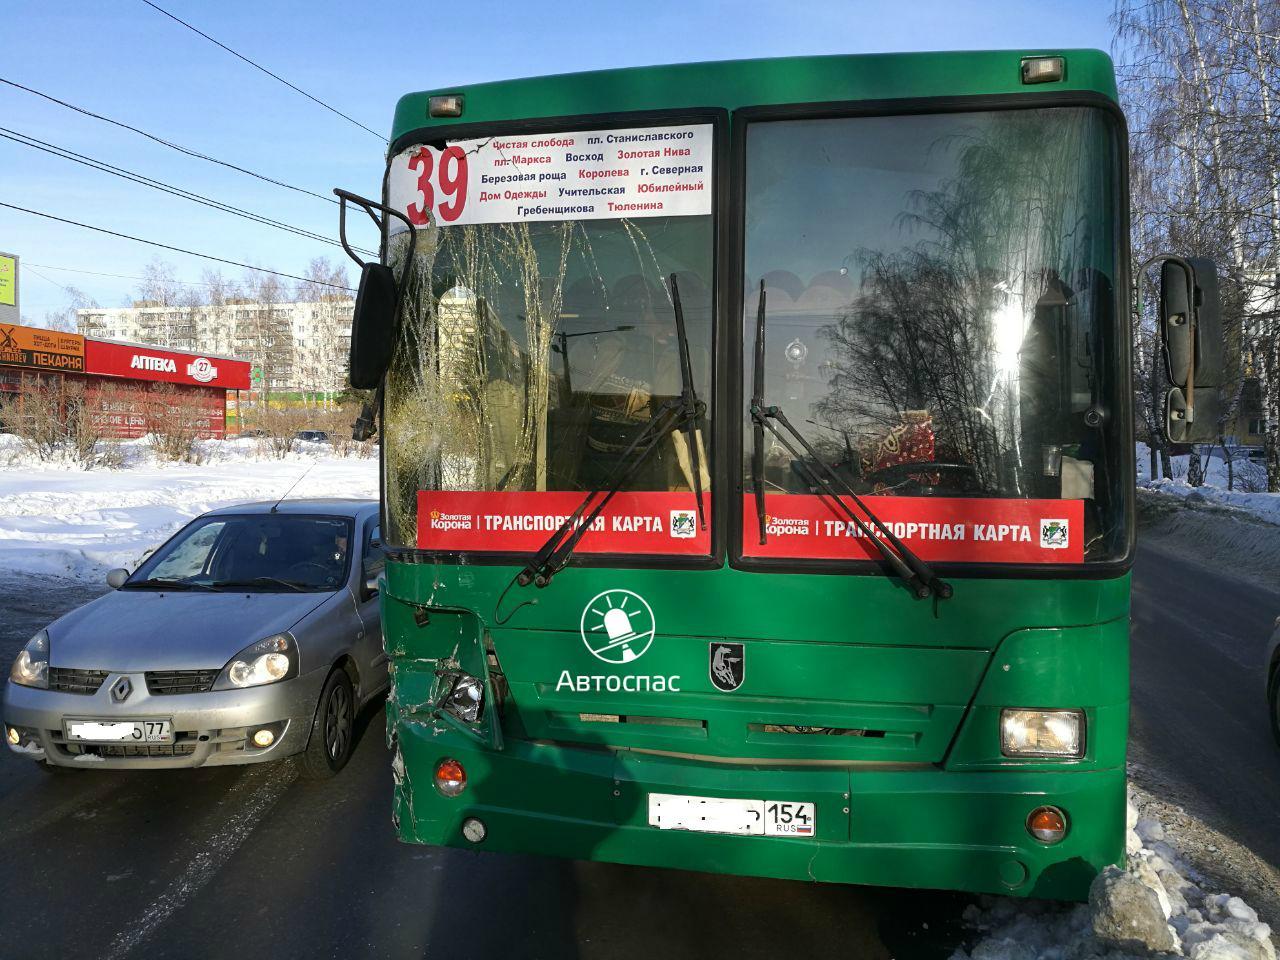 В Новосибирске произошло массовое ДТП с участием автобуса №98